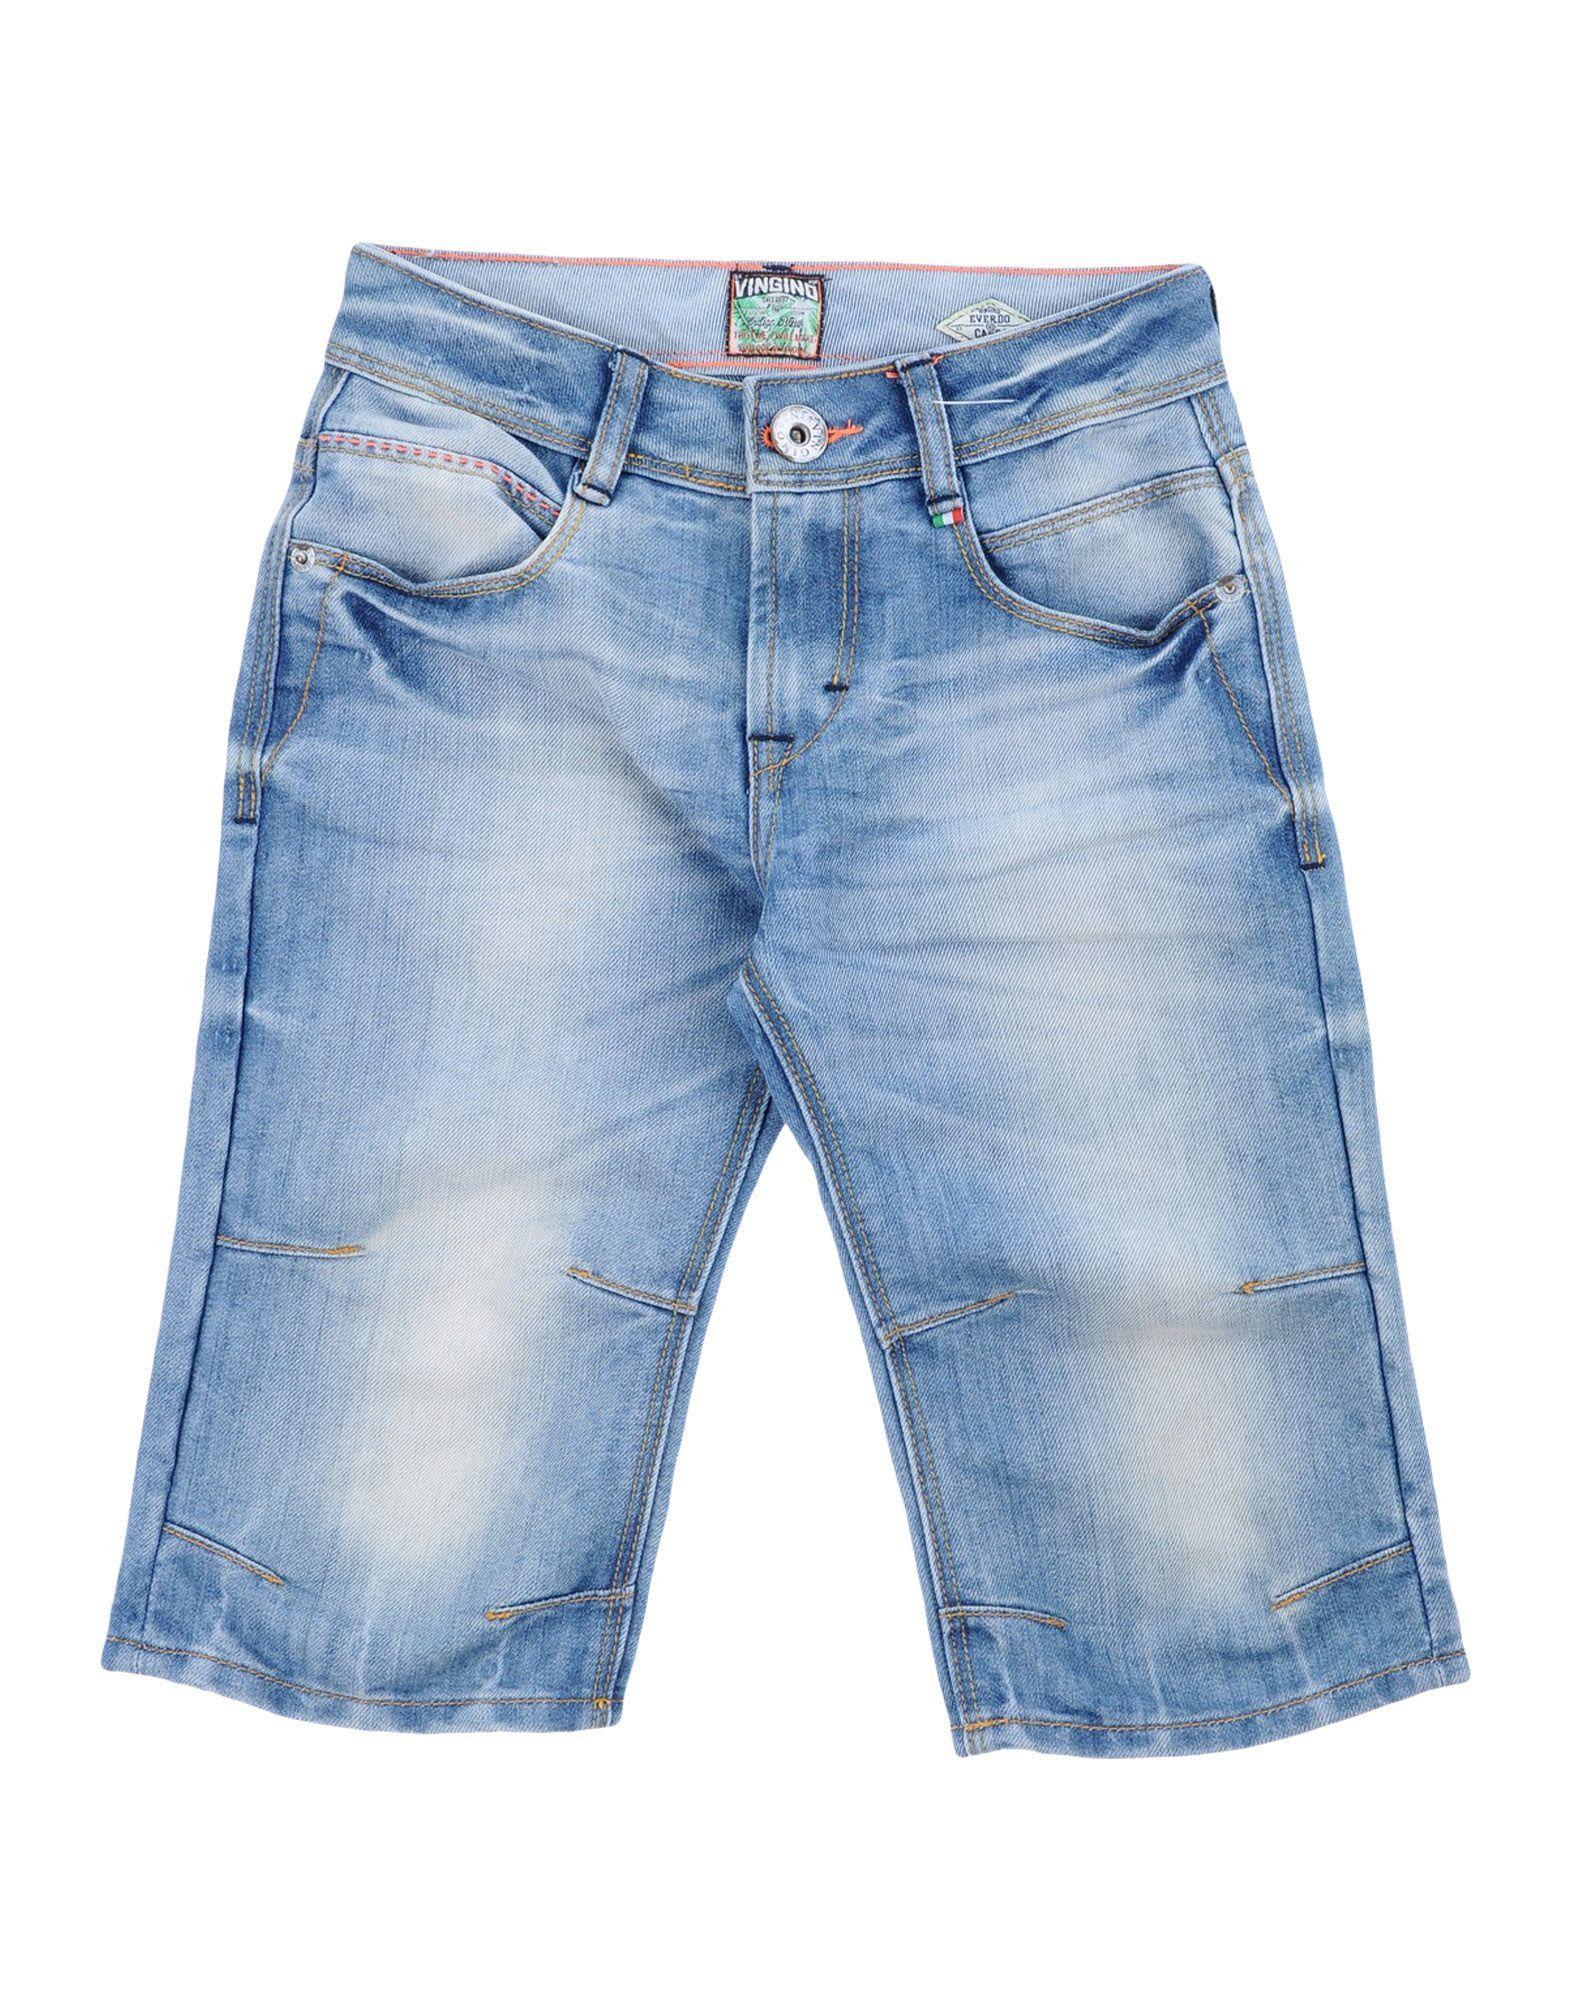 76524591fcc1b0 Shorts Vaqueros Vingino Niño 3-8 años en YOOX